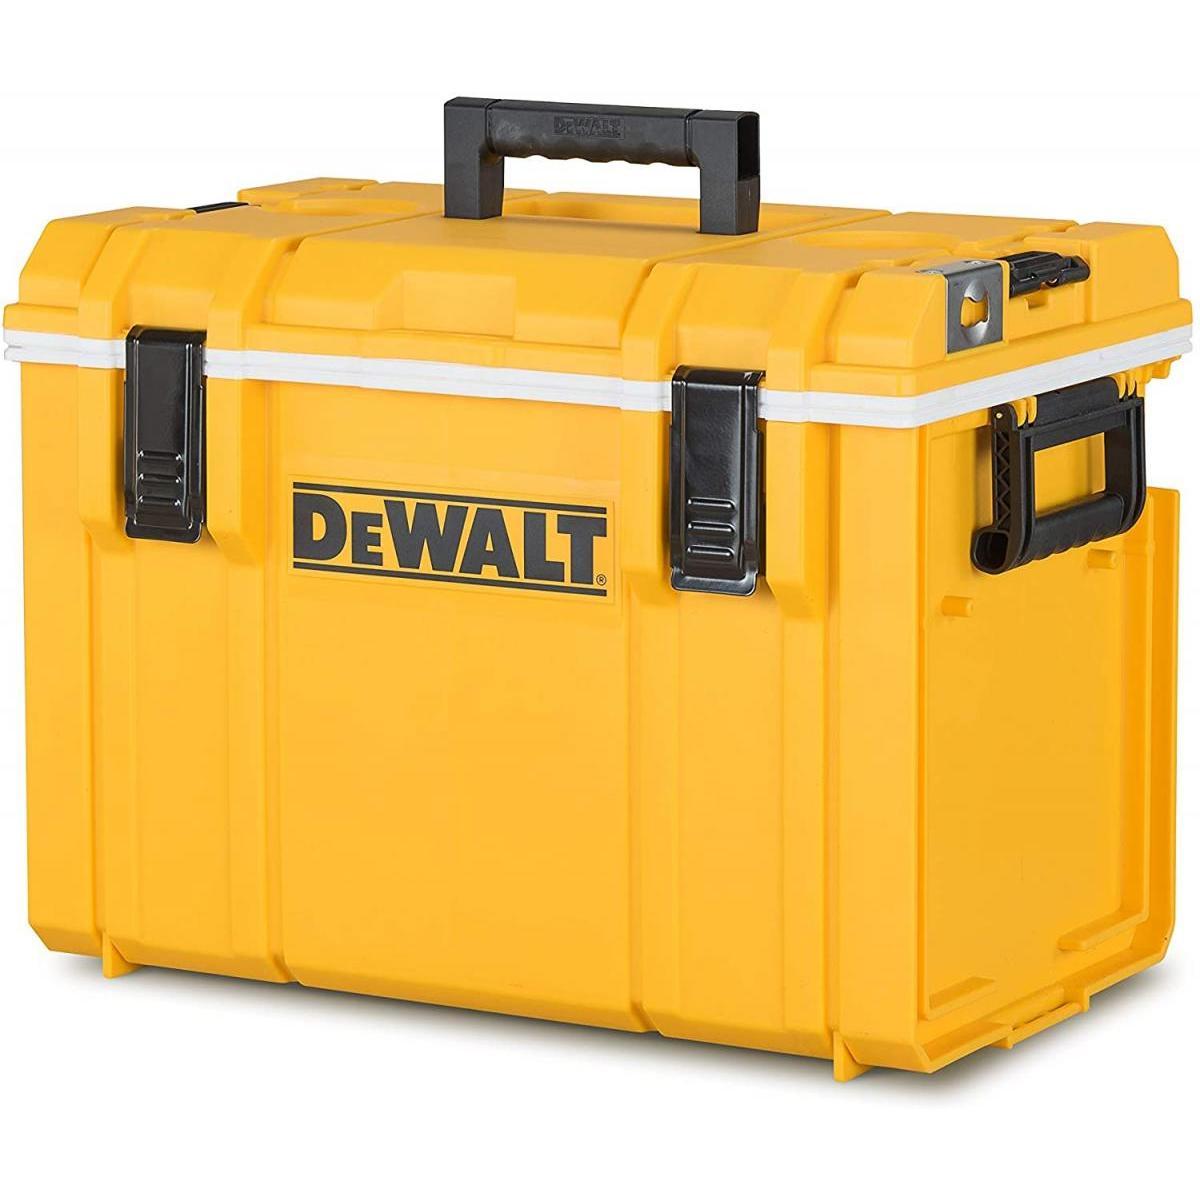 耐久性と使いやすさを追求したシステムツールボックスシリーズ 入手困難 DEWALT デウォルト クーラーボックス DWST1-81333 ボックス 売買 収納 クーラー 工具収納 保冷